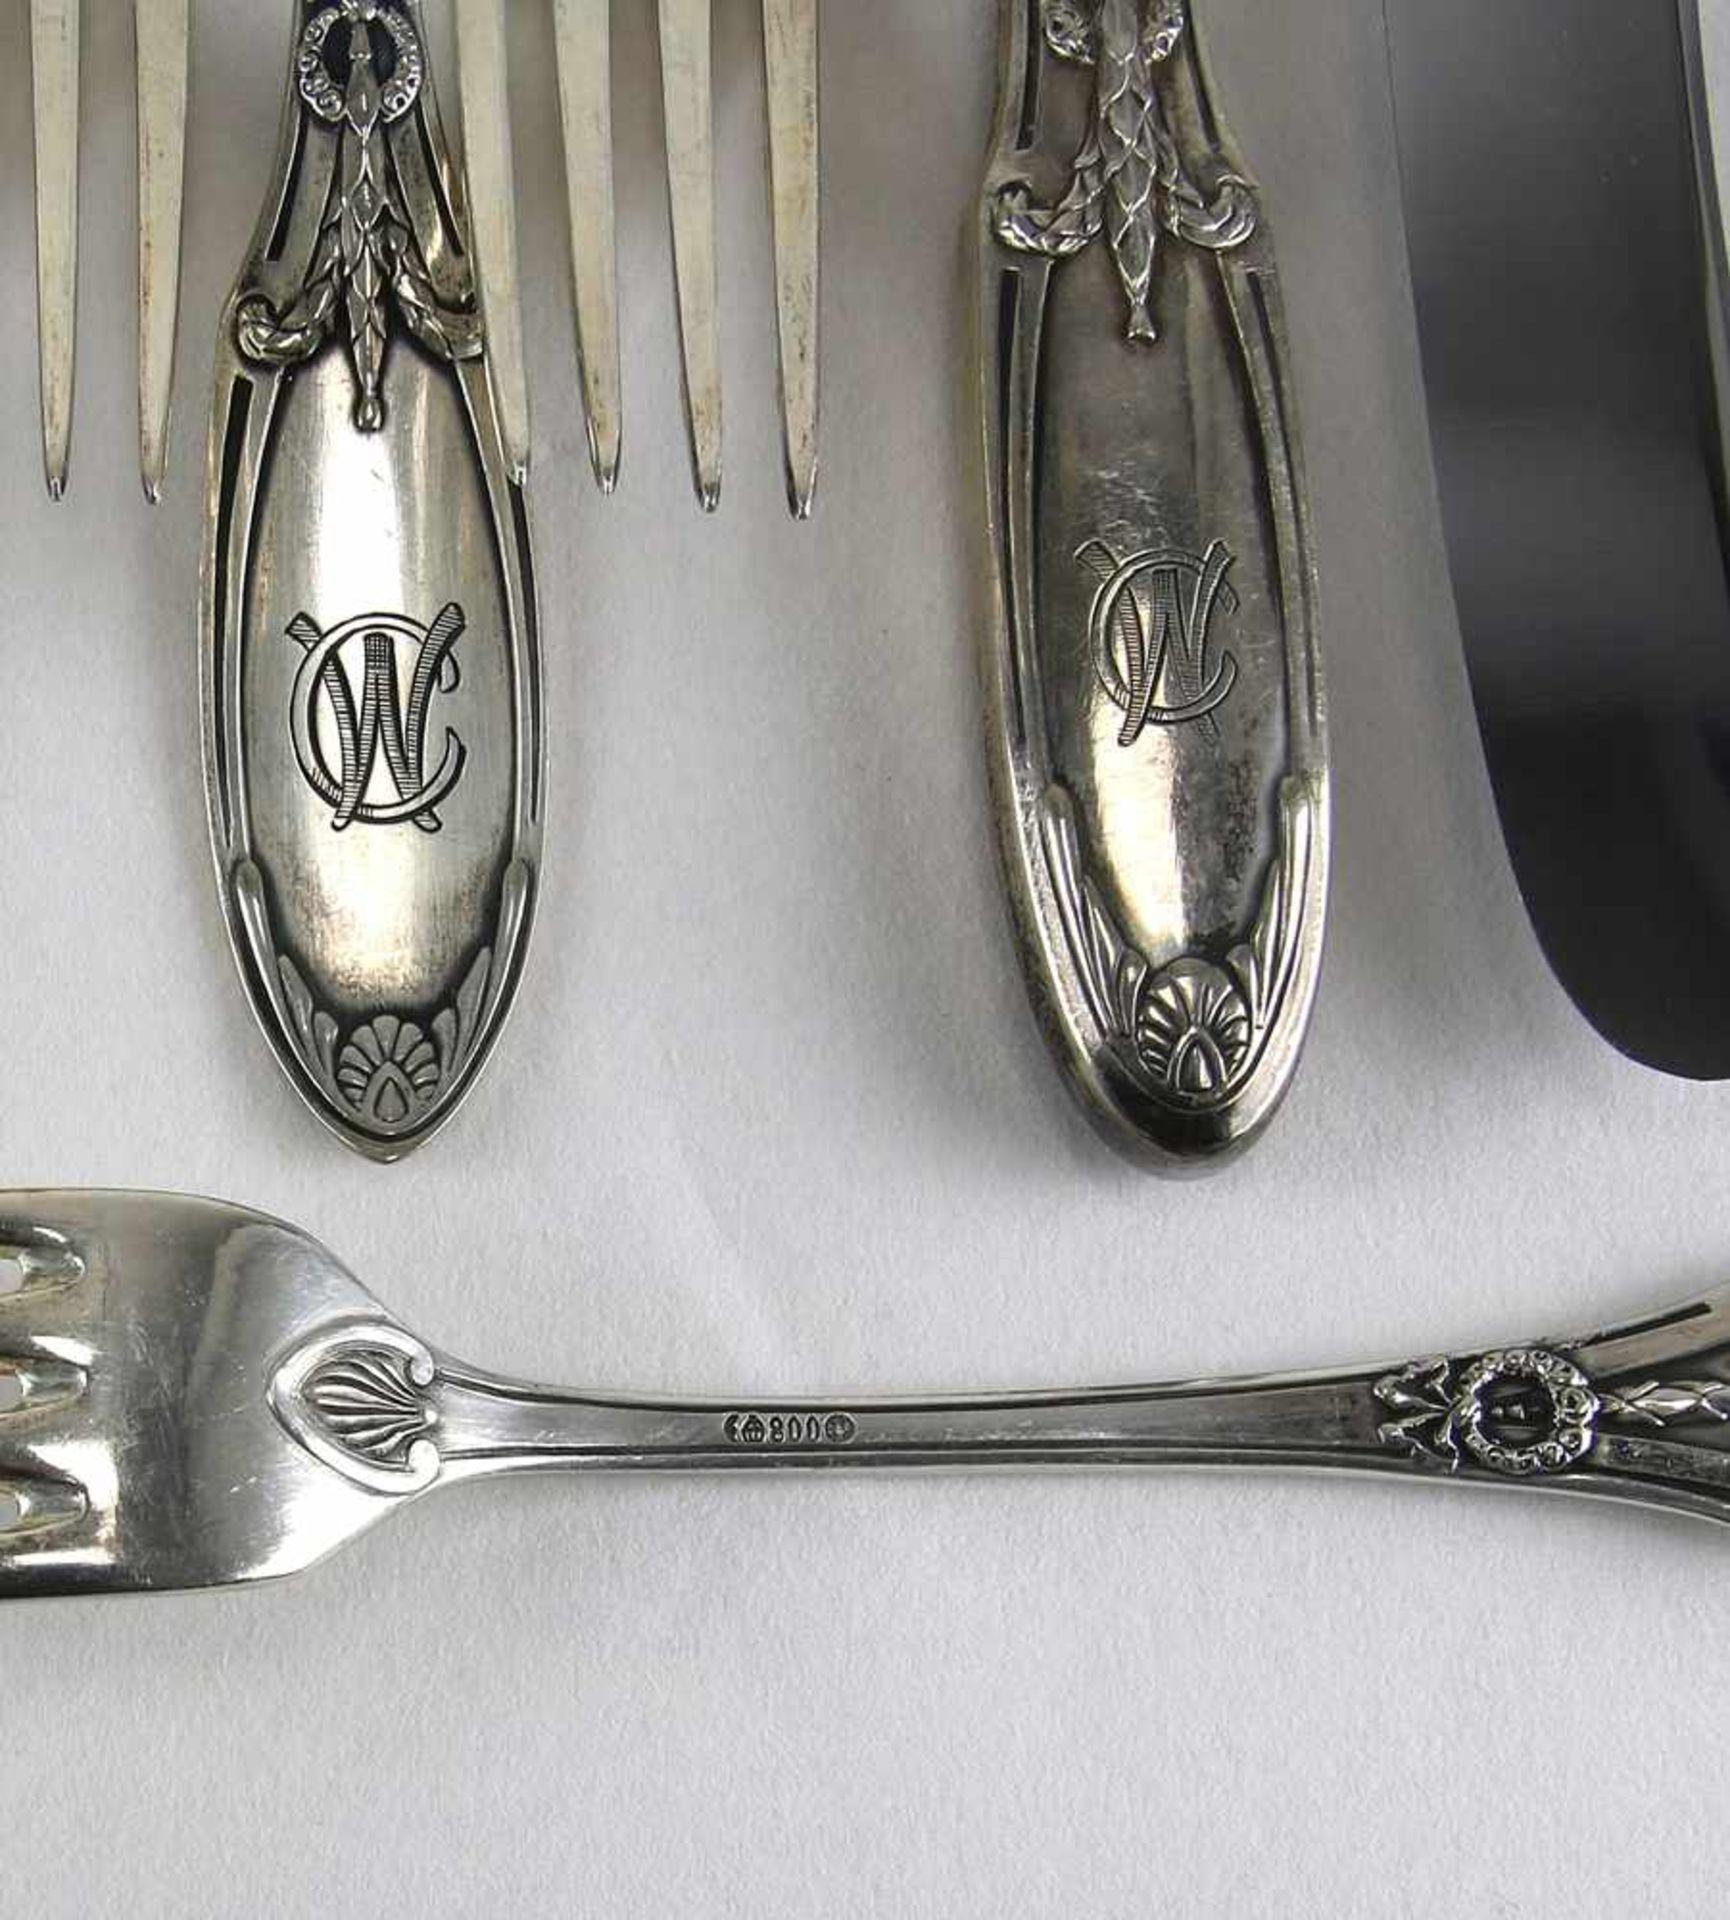 Obstbesteck für 6 PersonenDeutsch um 1900. Silber 800 punziert, Halbmond, Krone und ungedeutete - Bild 2 aus 2